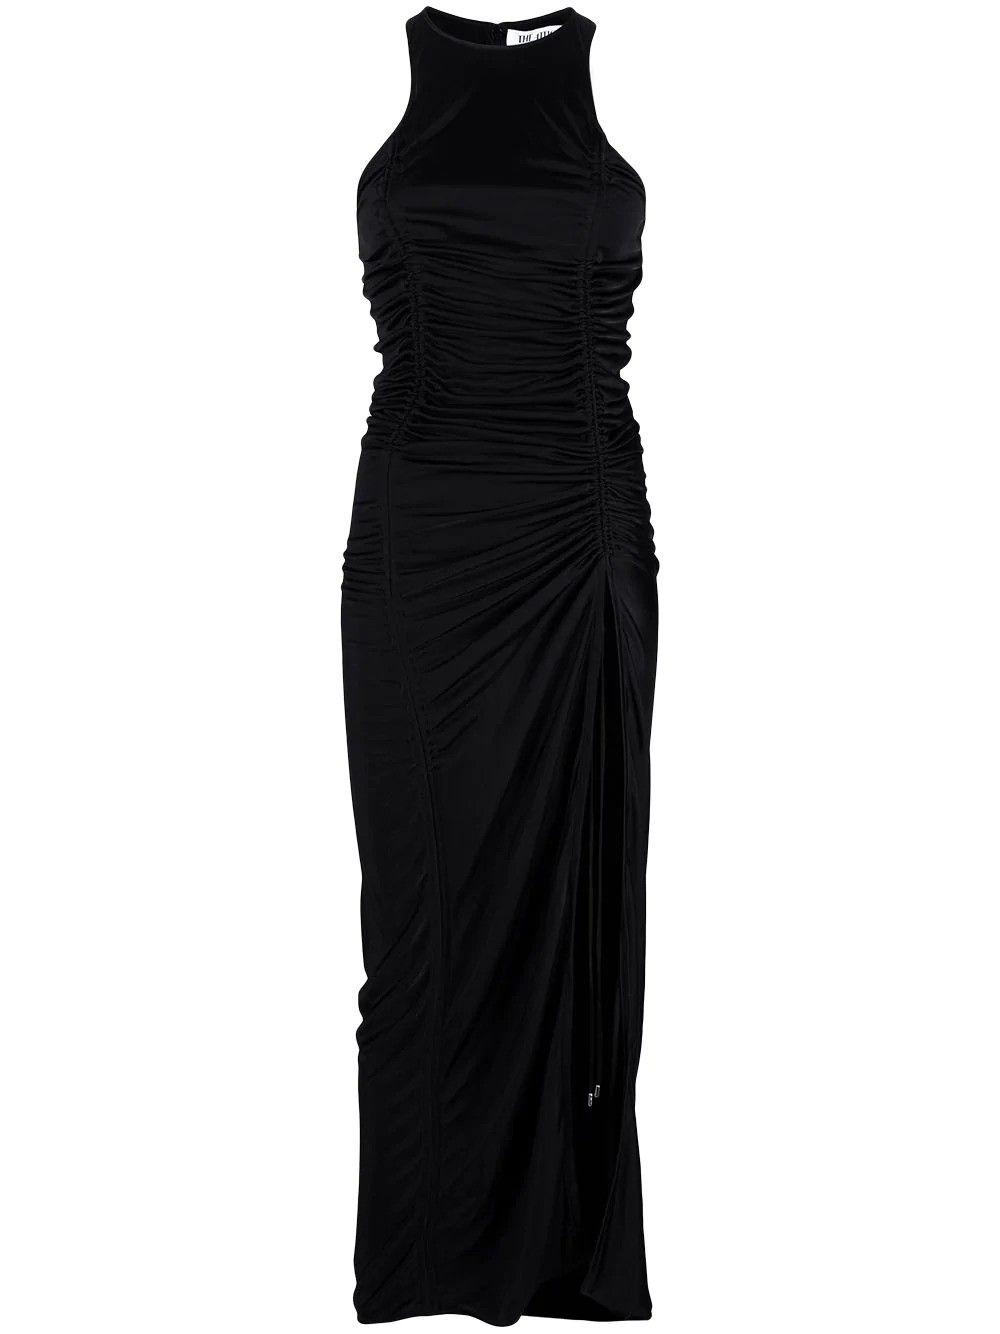 Attico THE ATTICO WOMEN'S BLACK VISCOSE DRESS